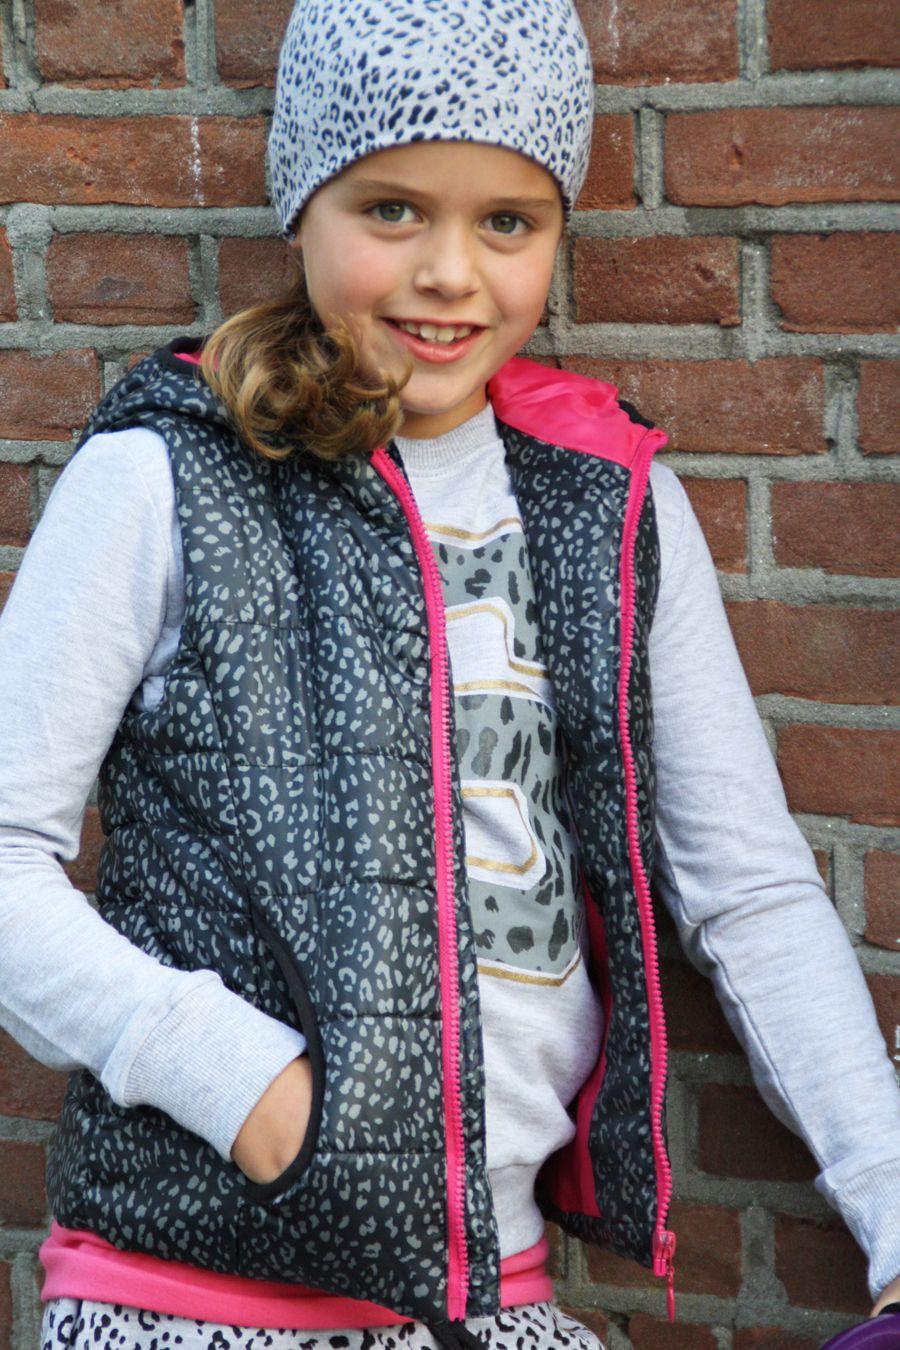 Kinderkleding Betaalbaar.Goedkope Meisjeskleding Zeeman Kinderkleding Hippe Meisjeskleding